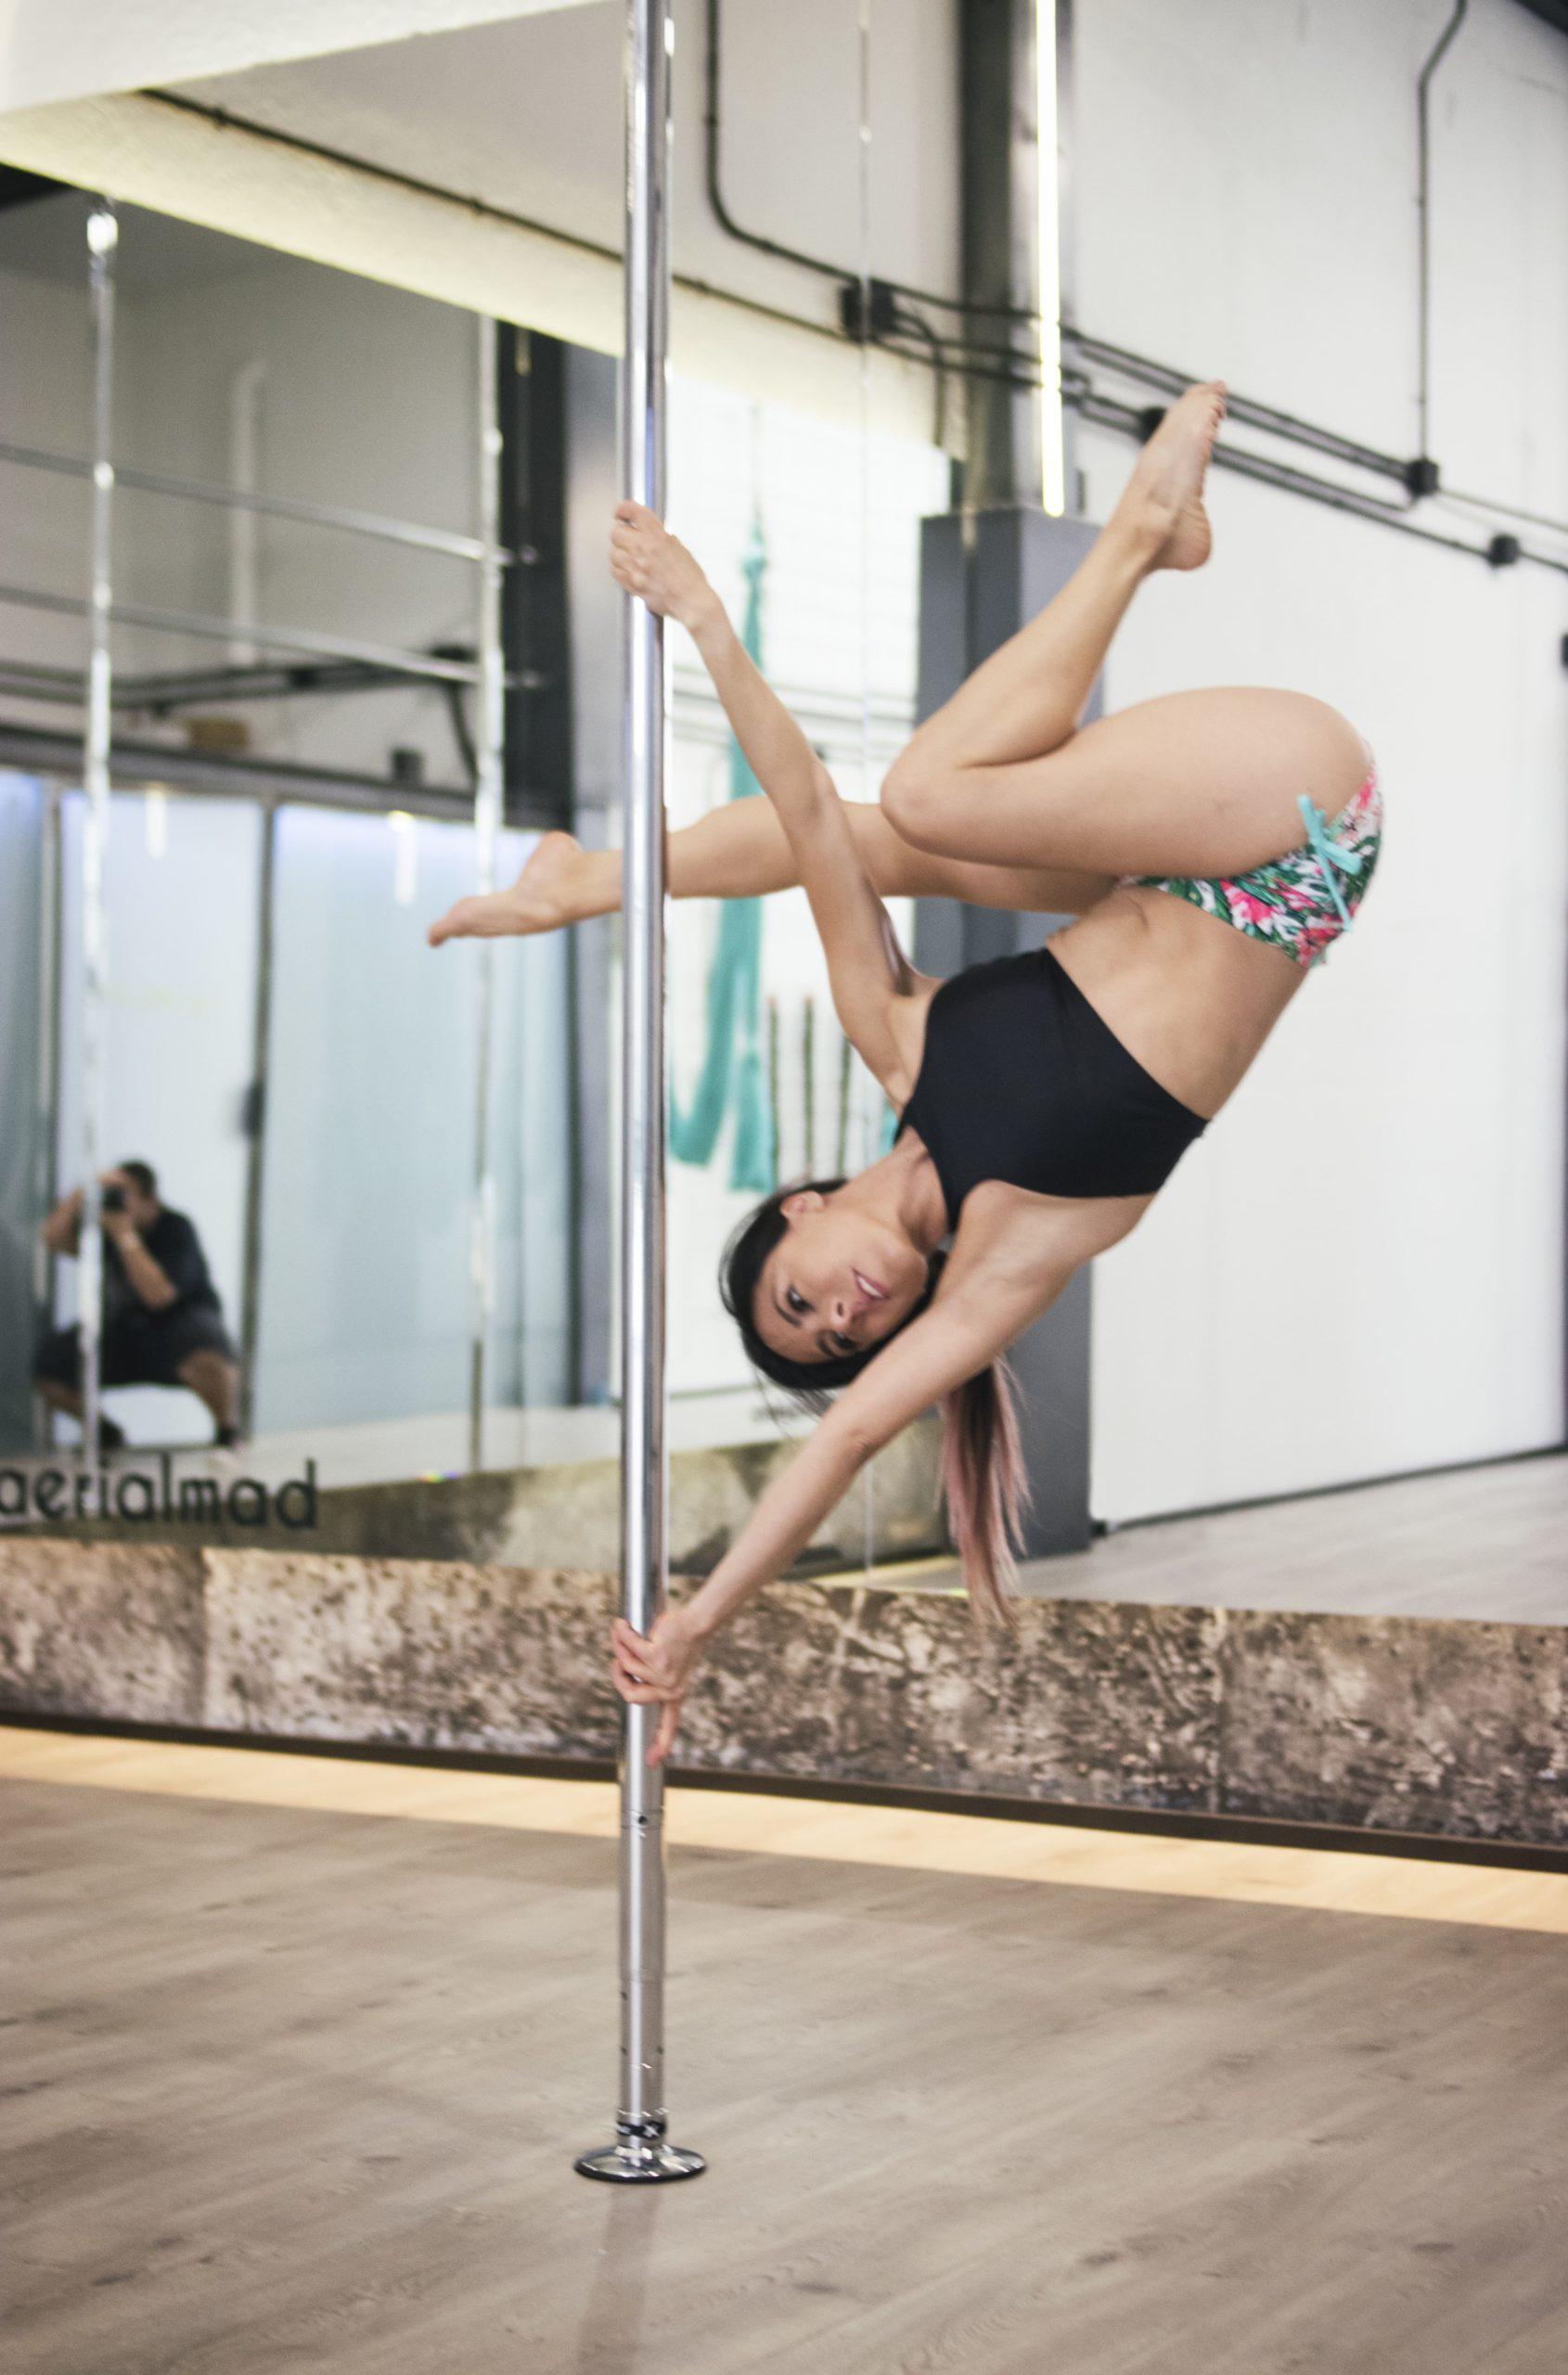 ¿Alguna vez has soñado con volar? Ahora es posible. Nuestras clases semi-privadas de Airfit, Bungee y Pole Dance harán que te enamores del deporte.